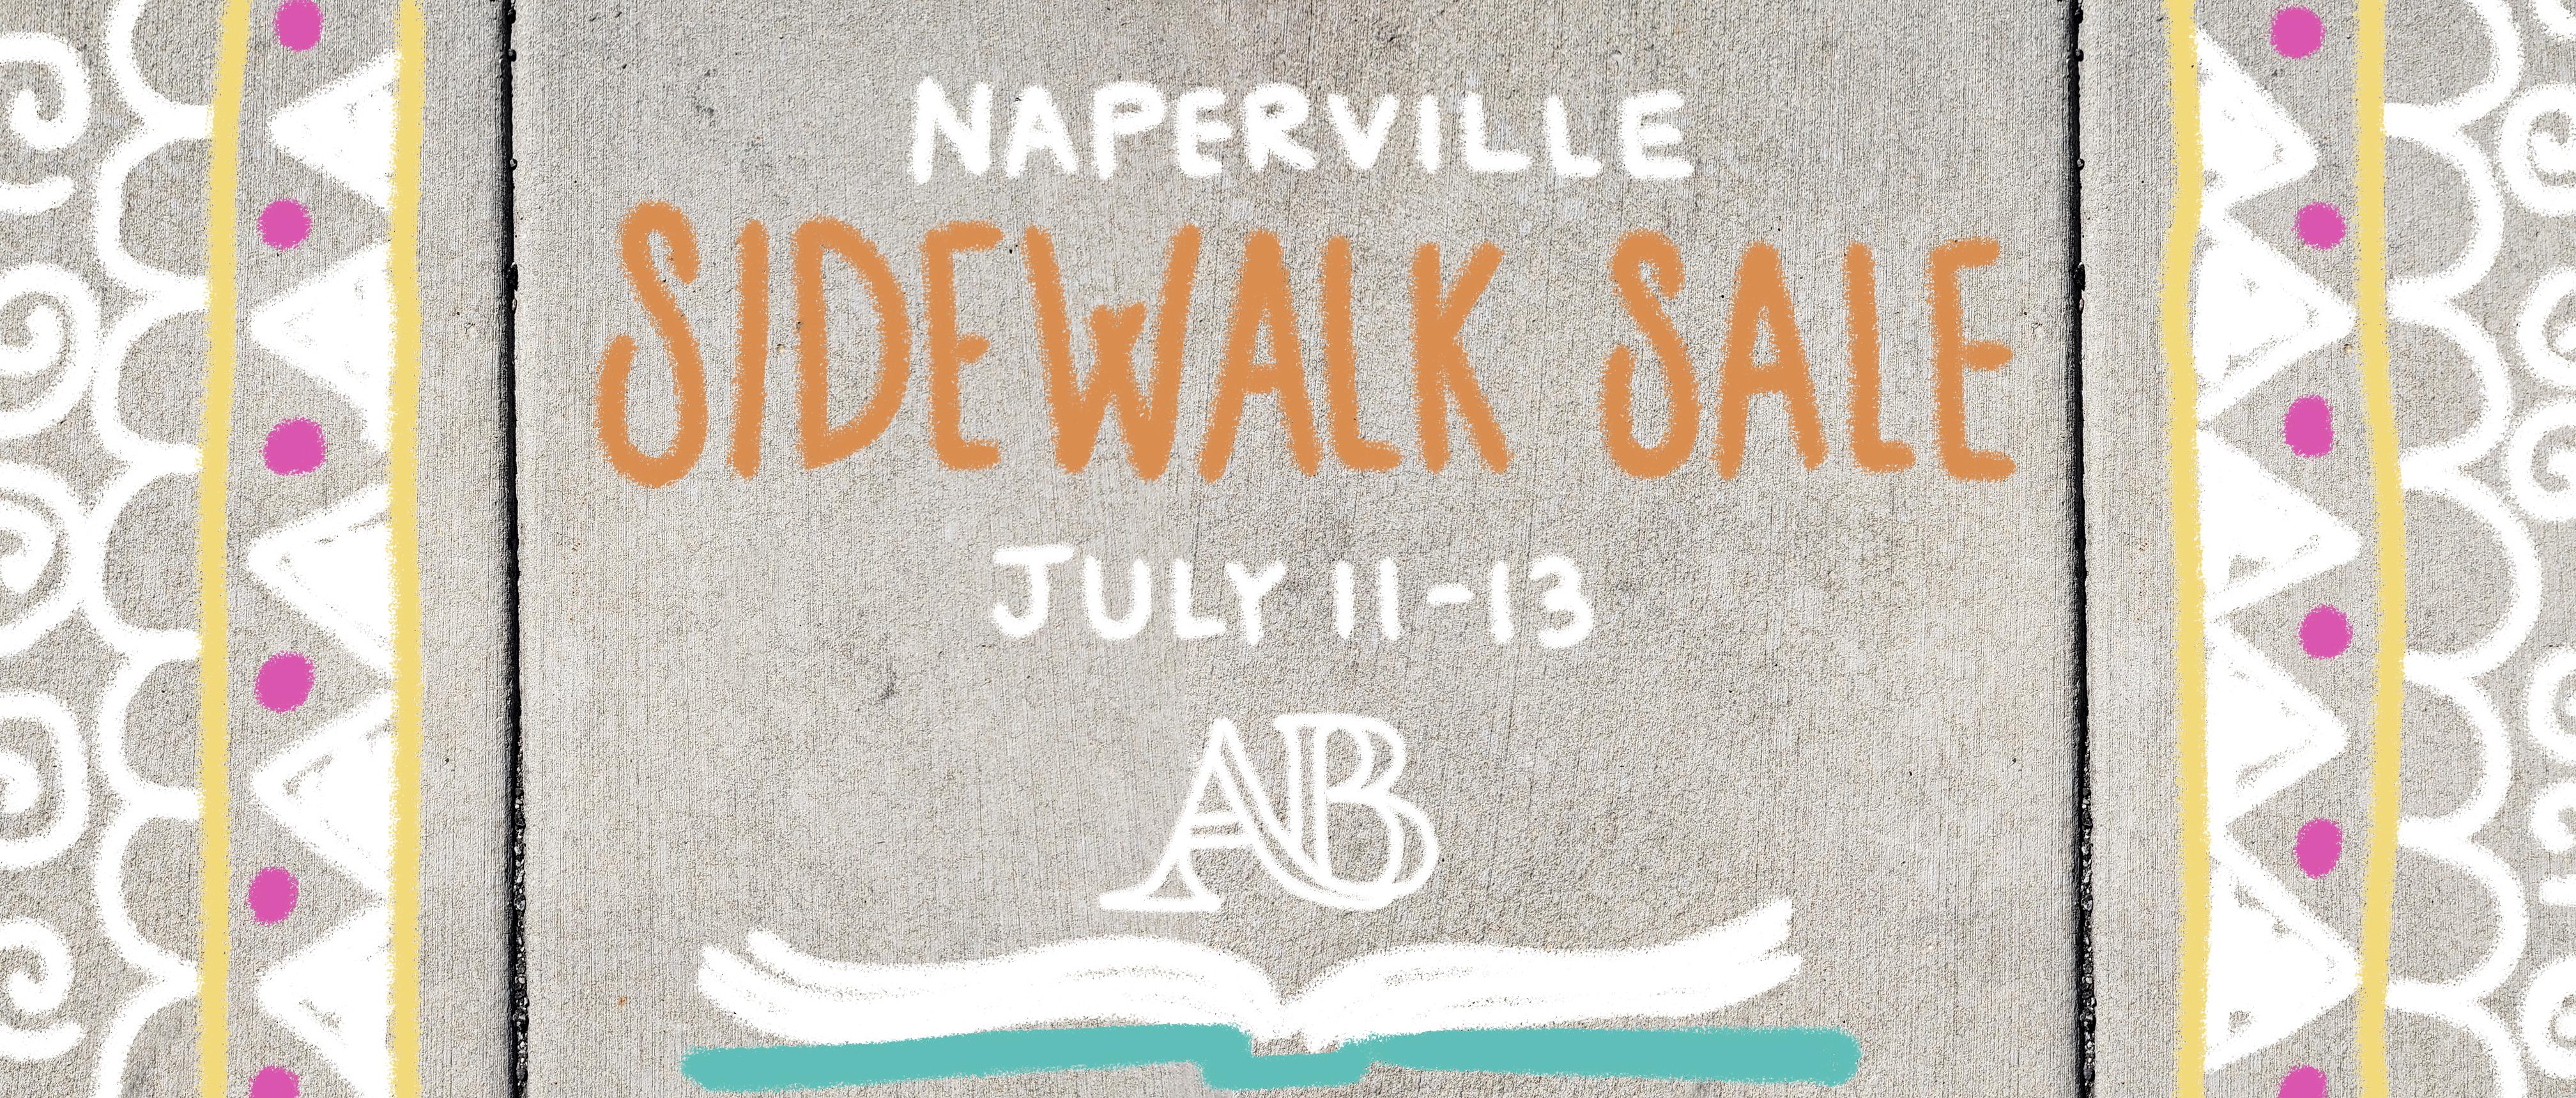 Sidewalk Sale in Naperville